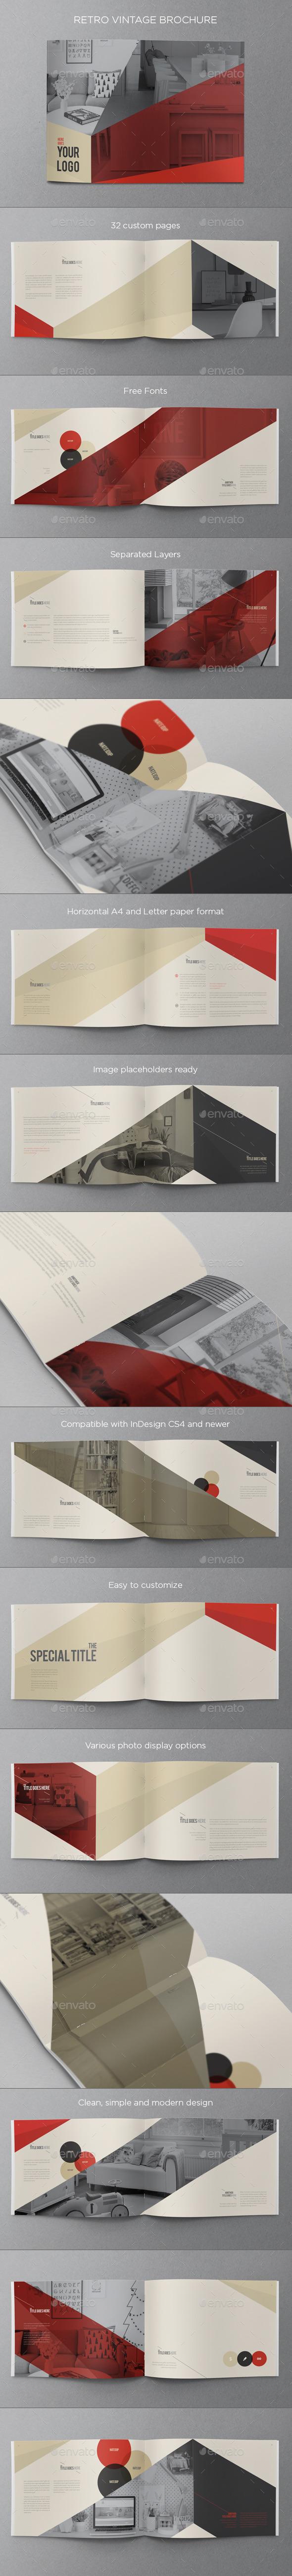 GraphicRiver Retro Vintage Brochure 9694833